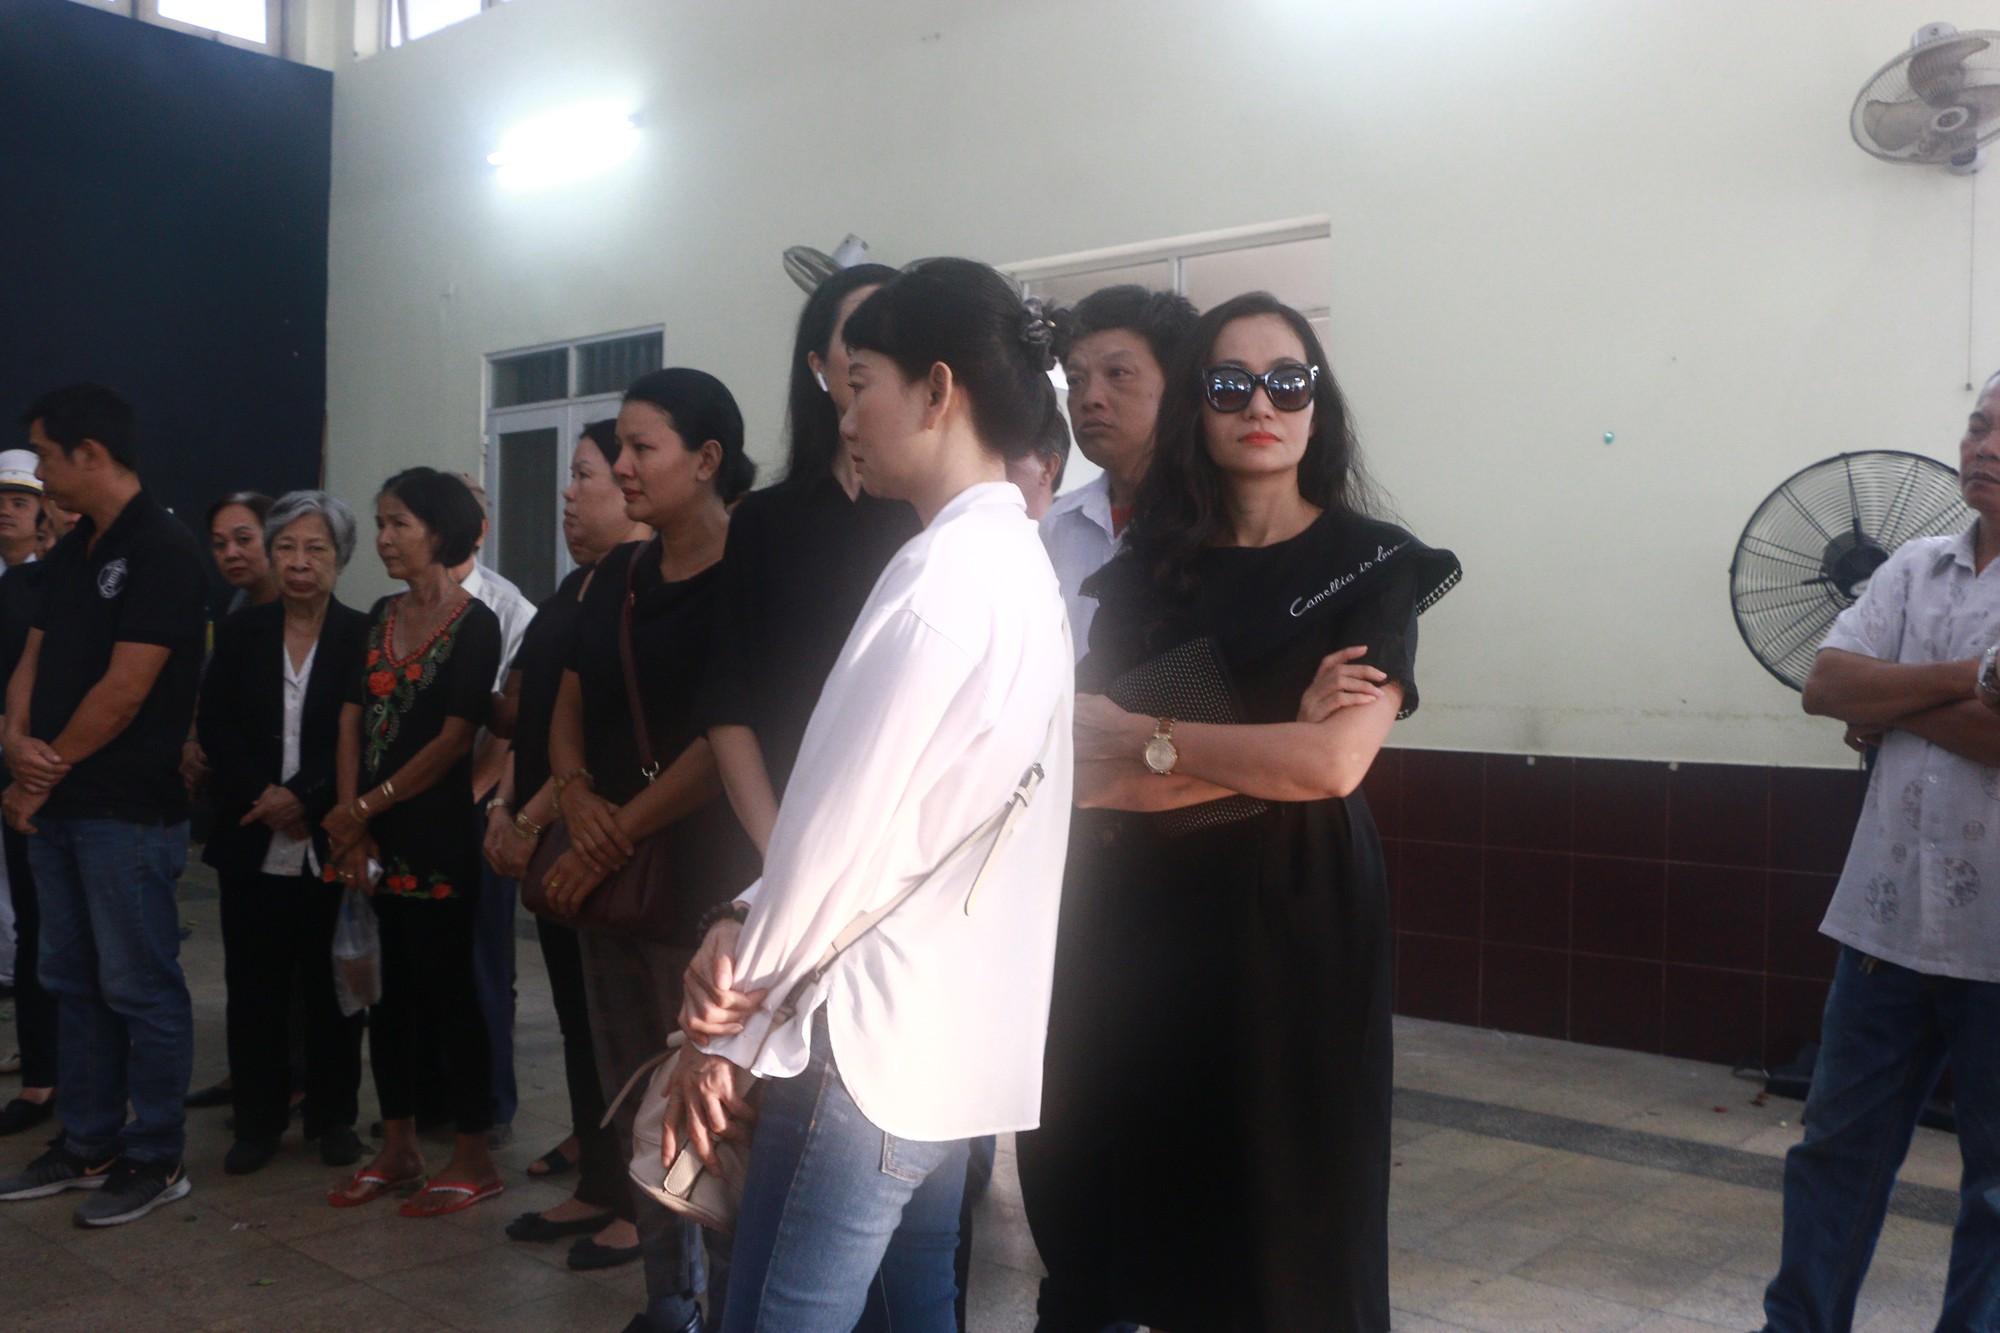 NSƯT Thành Lộc và nhiều đồng nghiệp nghẹn ngào đưa tiễn nghệ sĩ Lê Bình  - Ảnh 6.